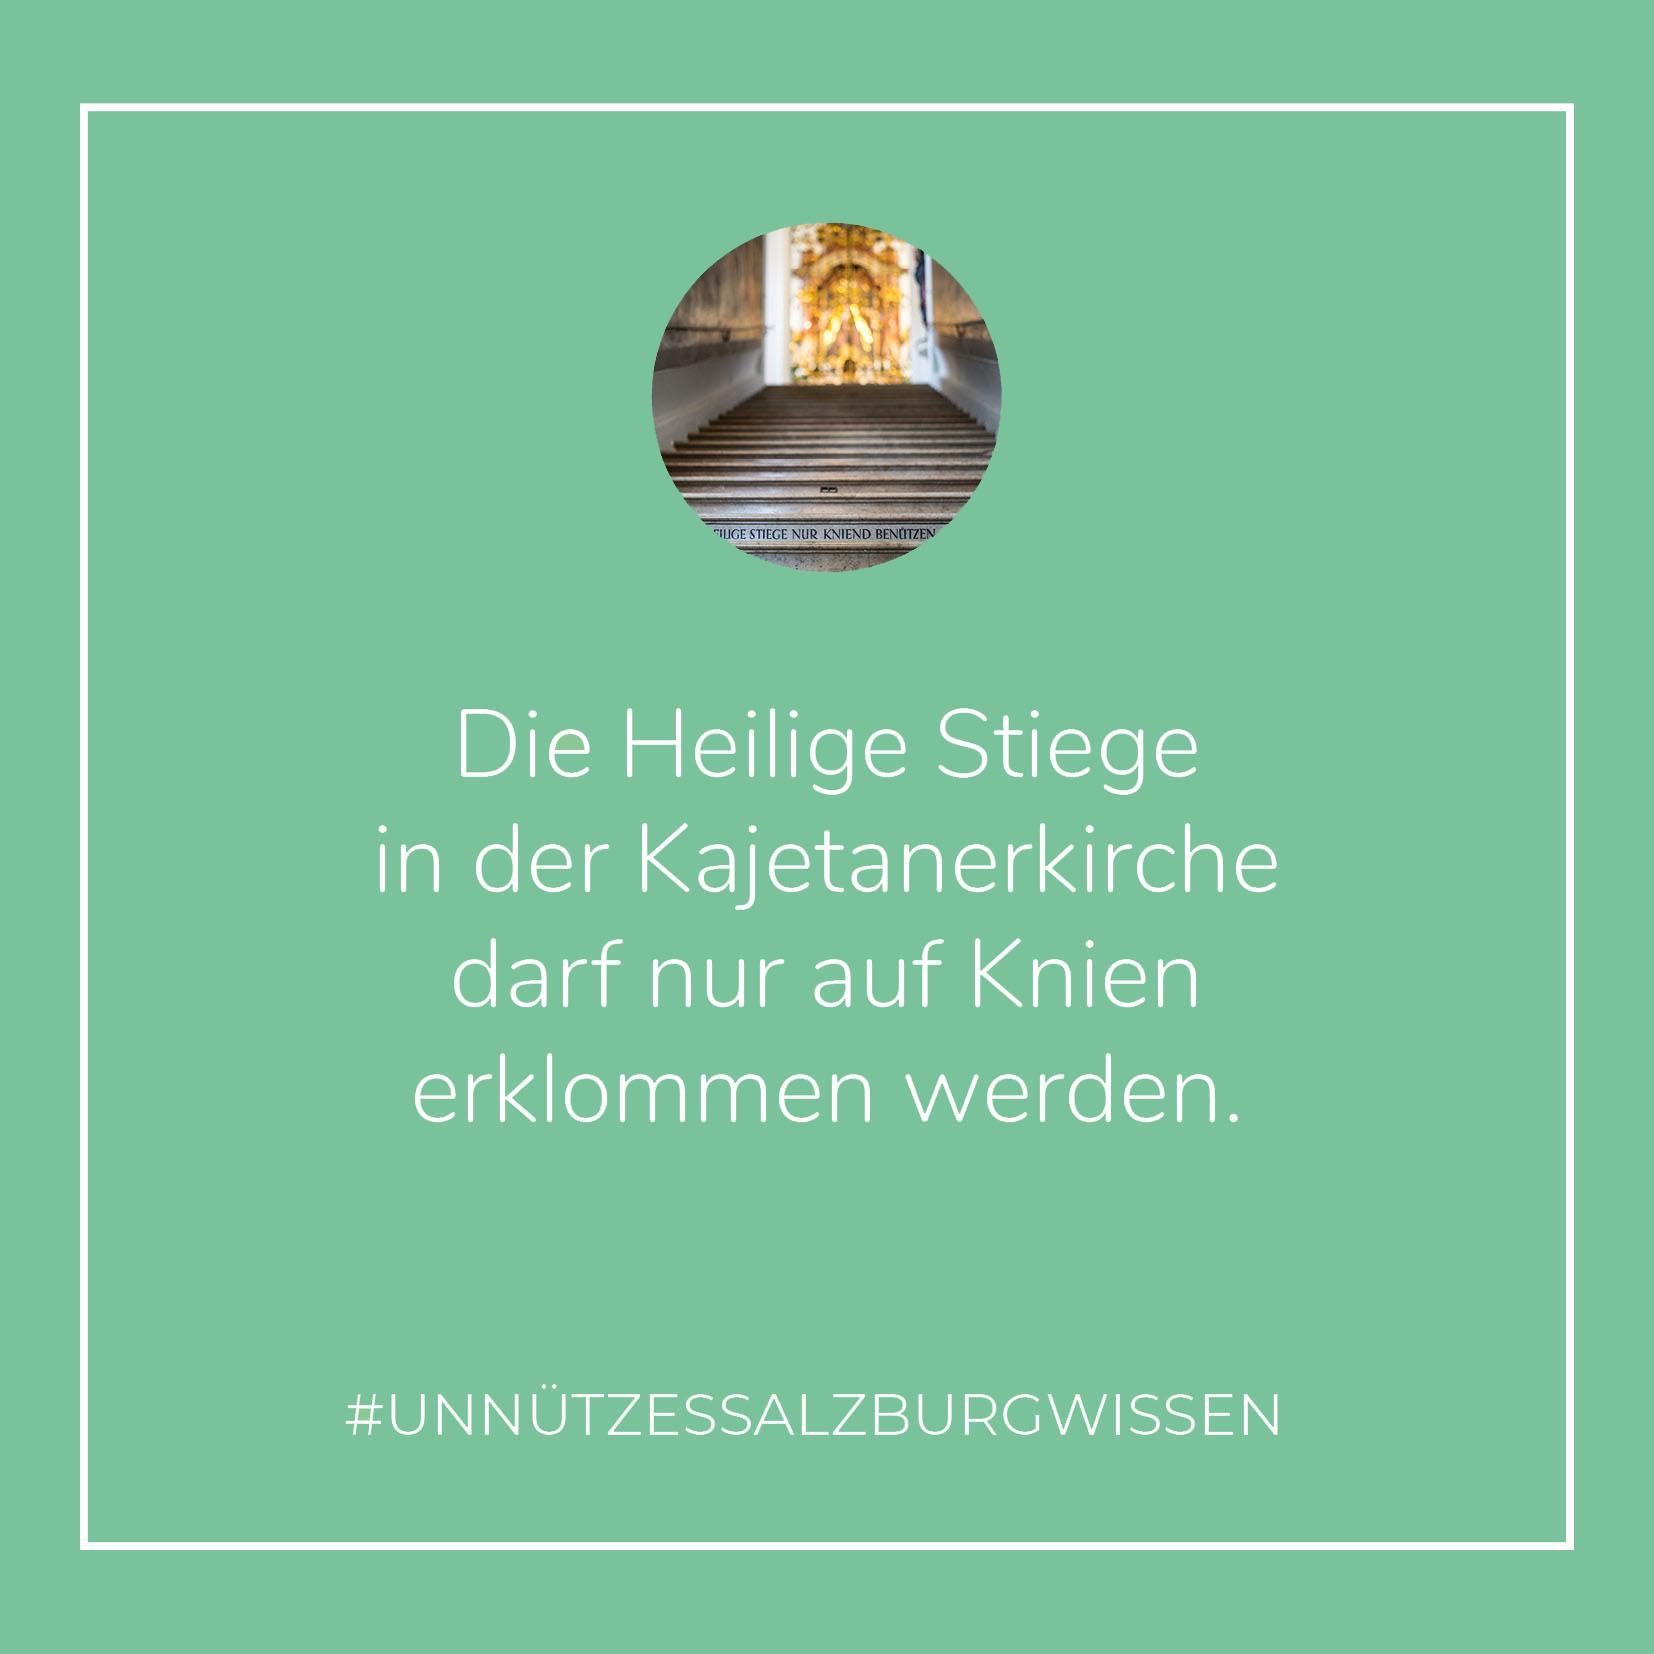 Unnützes SalzburgWissen - Heilige Stiege (c) STADTBEKANNT